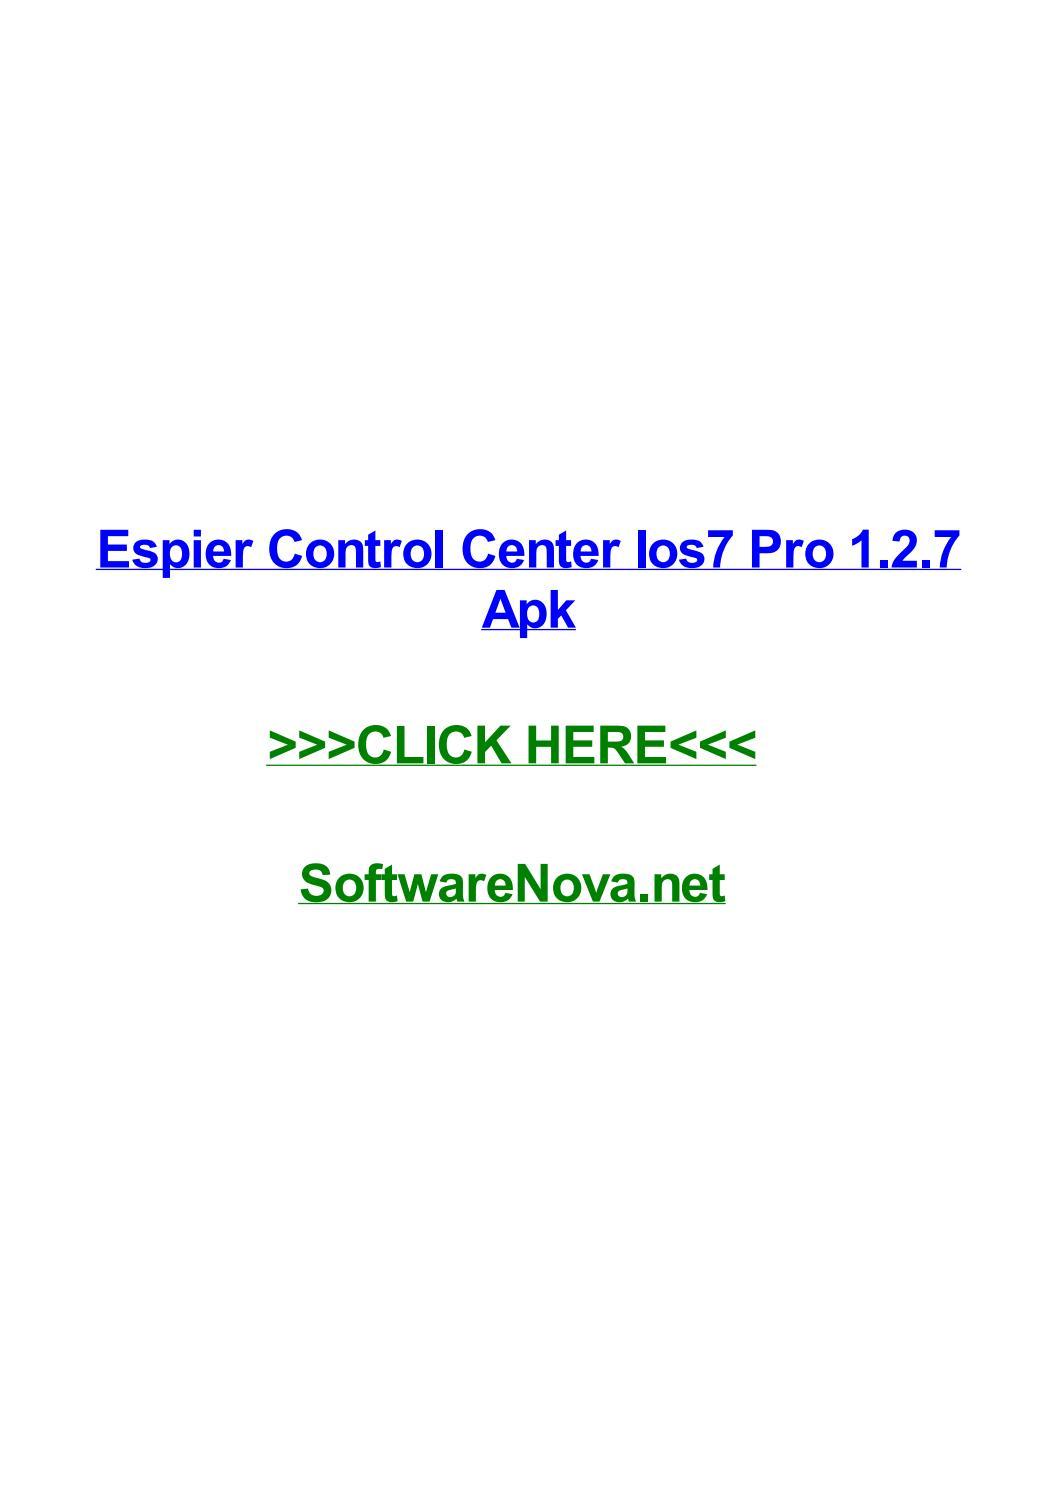 espier control center ios7 pro